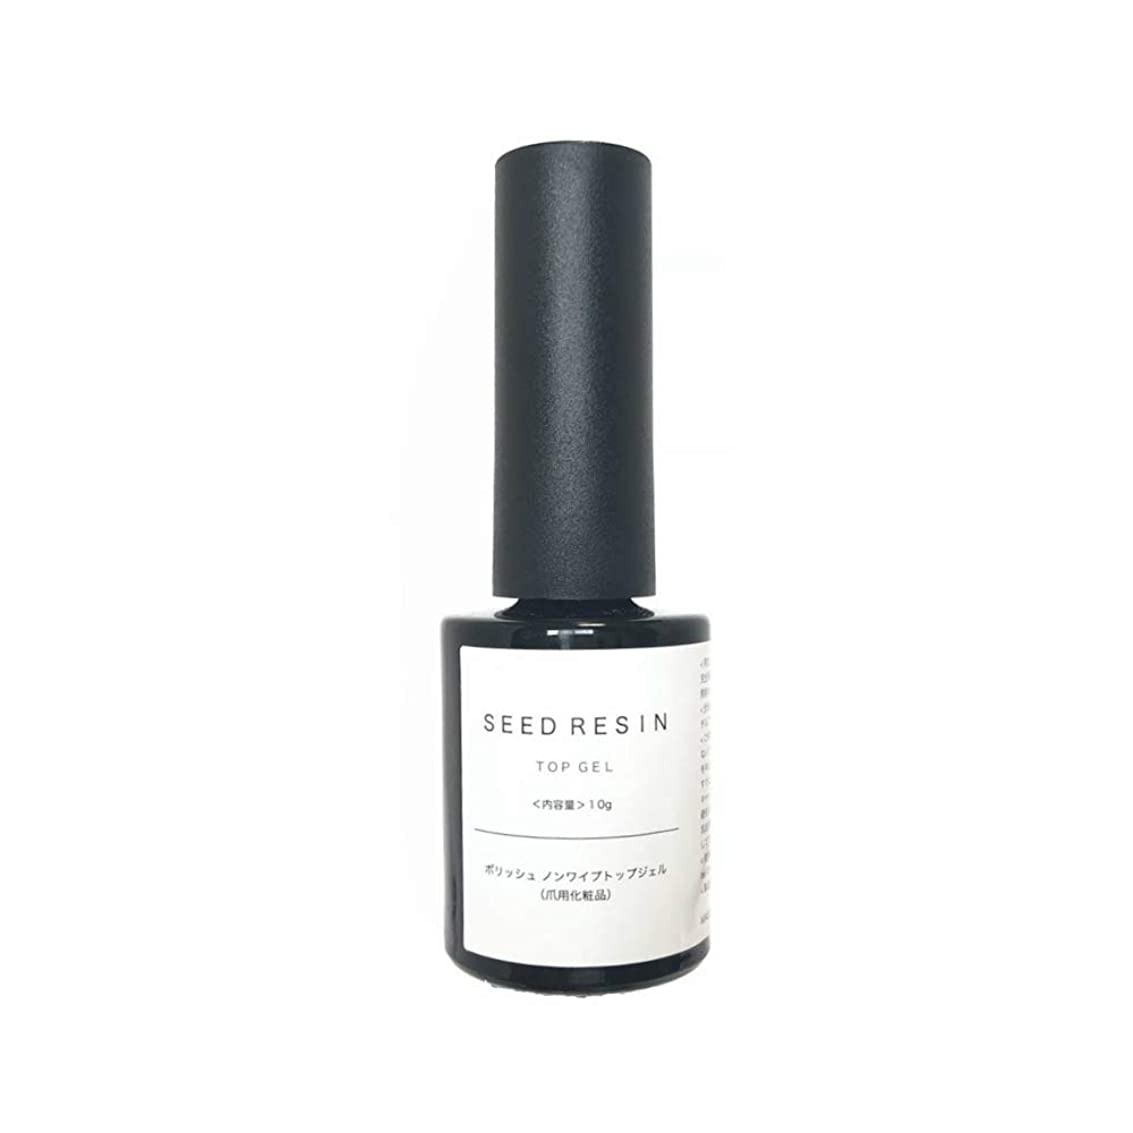 冗談で曇ったカエルSEED RESIN(シードレジン) ジェルネイル ポリッシュ ノンワイプ トップジェル 10g 爪用化粧品